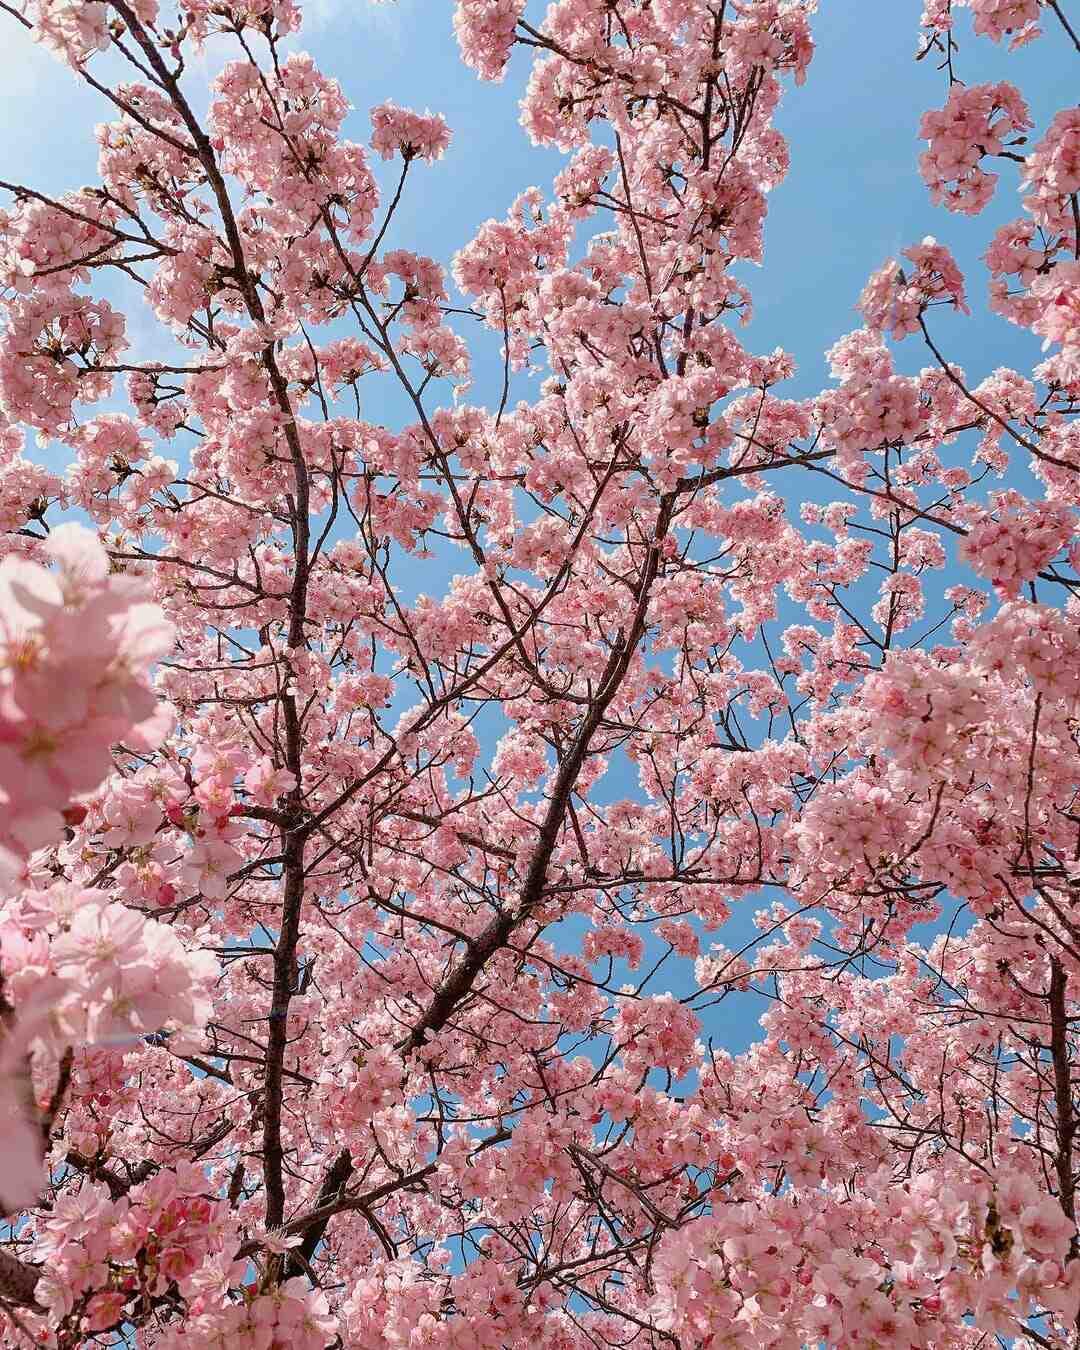 Comment faire pousser un cerisier à fleurs